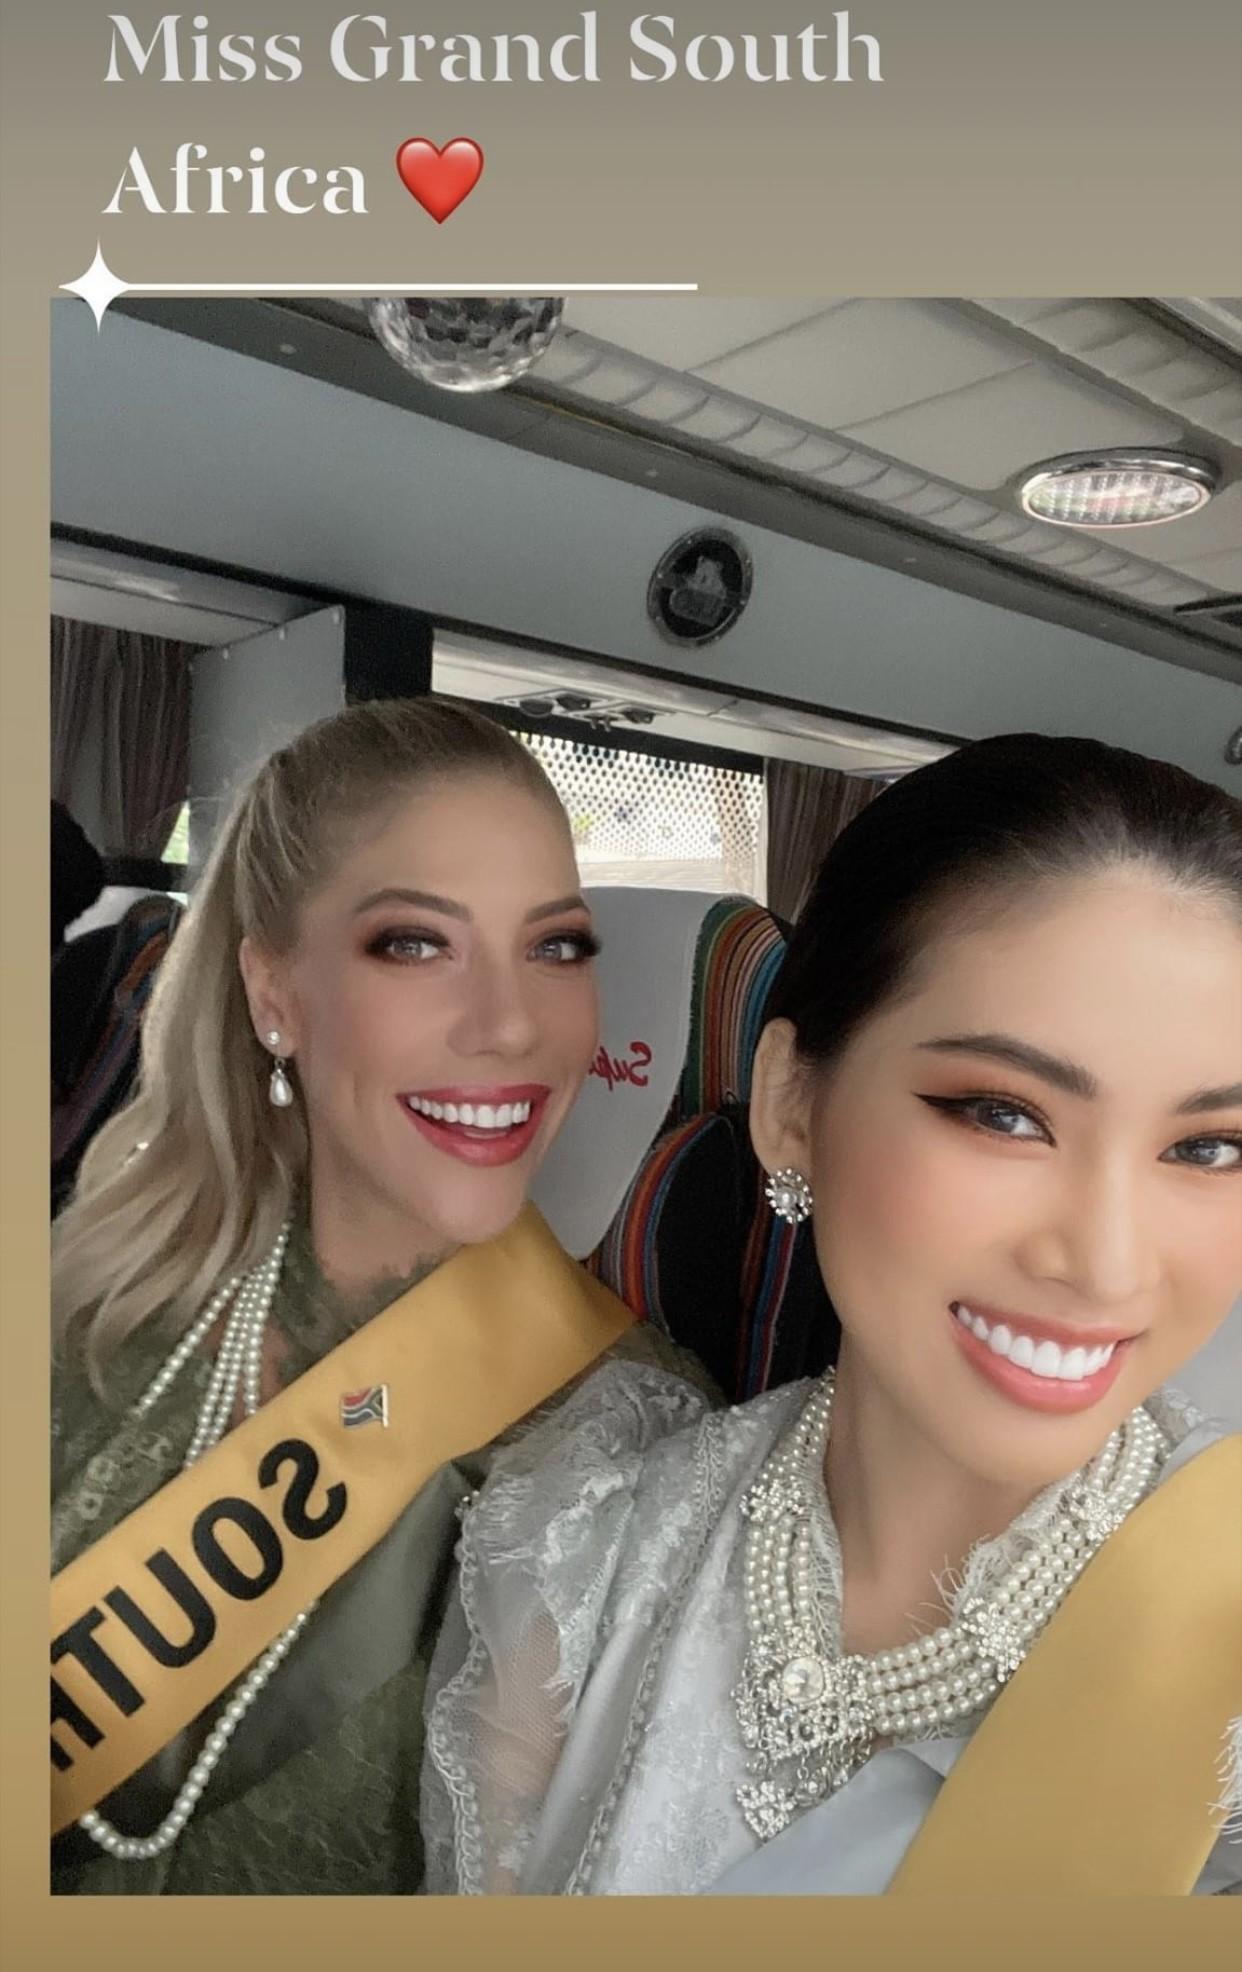 Ngày thứ 3 ở Miss Grand, Ngọc Thảo hoá gái Thái xinh đẹp đi vãn cảnh chùa Vàng ảnh 2